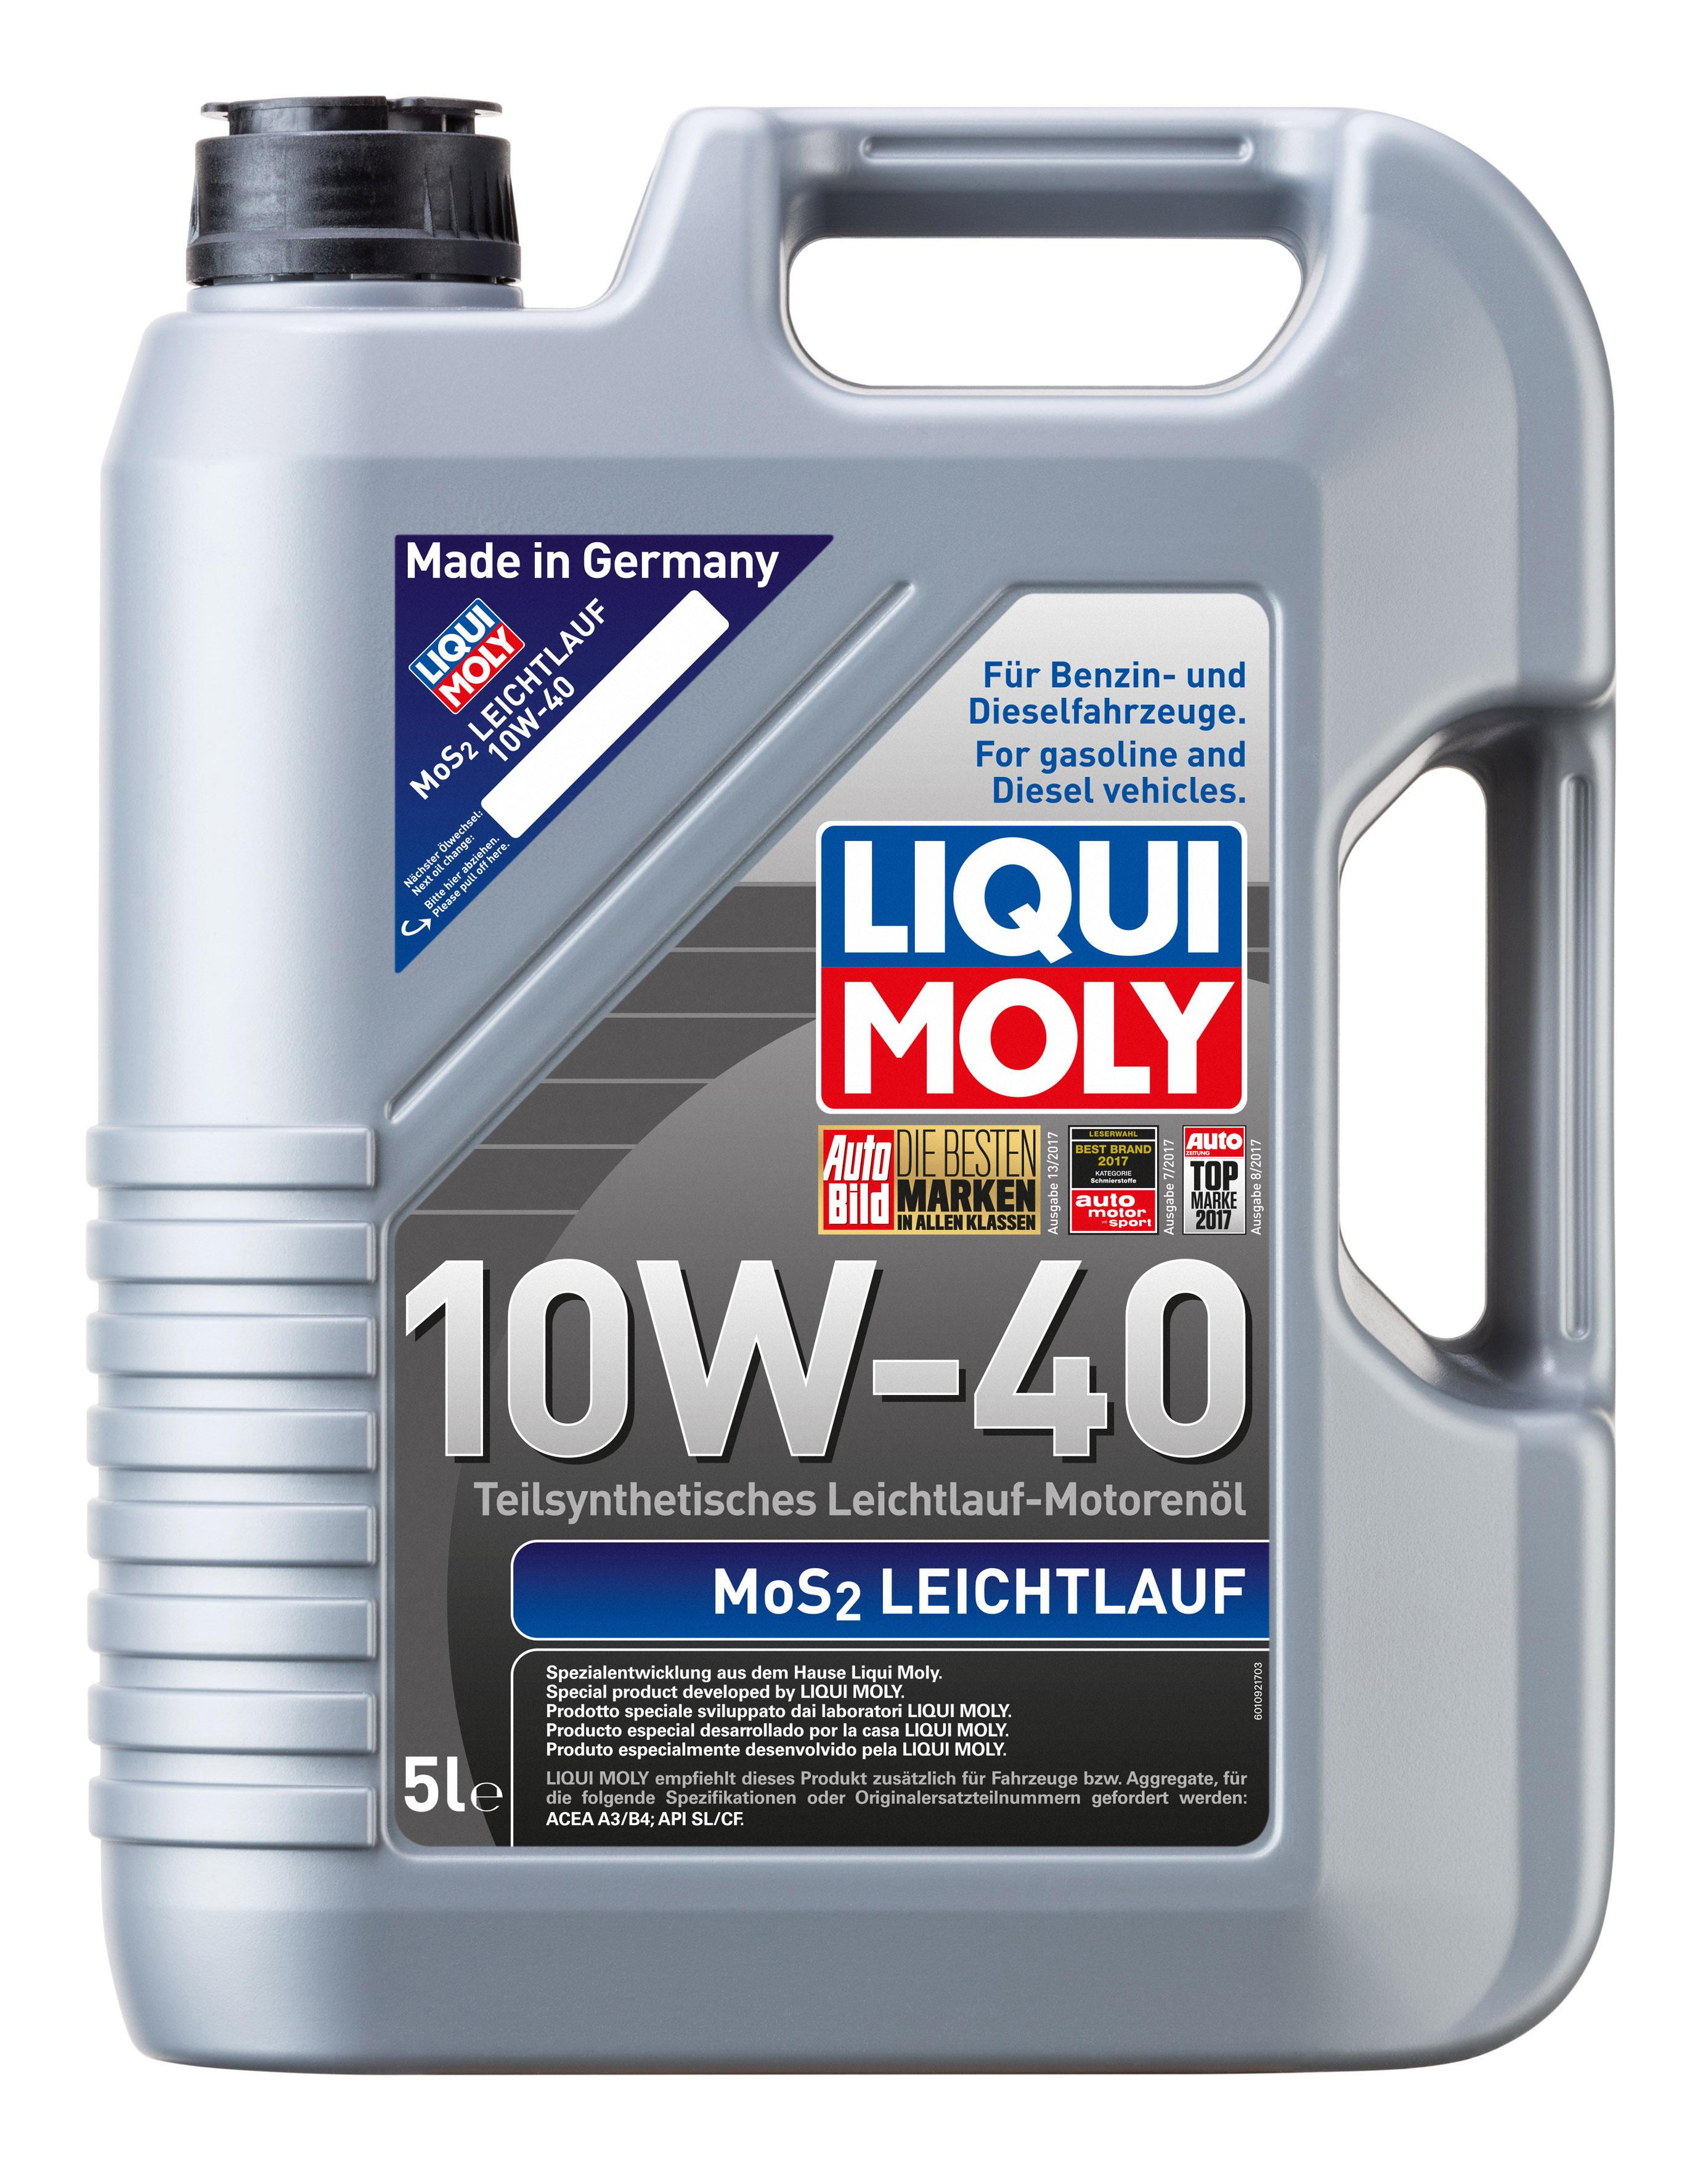 AUDI 60 Ersatzteile: Motoröl 1092 > Niedrige Preise - Jetzt kaufen!